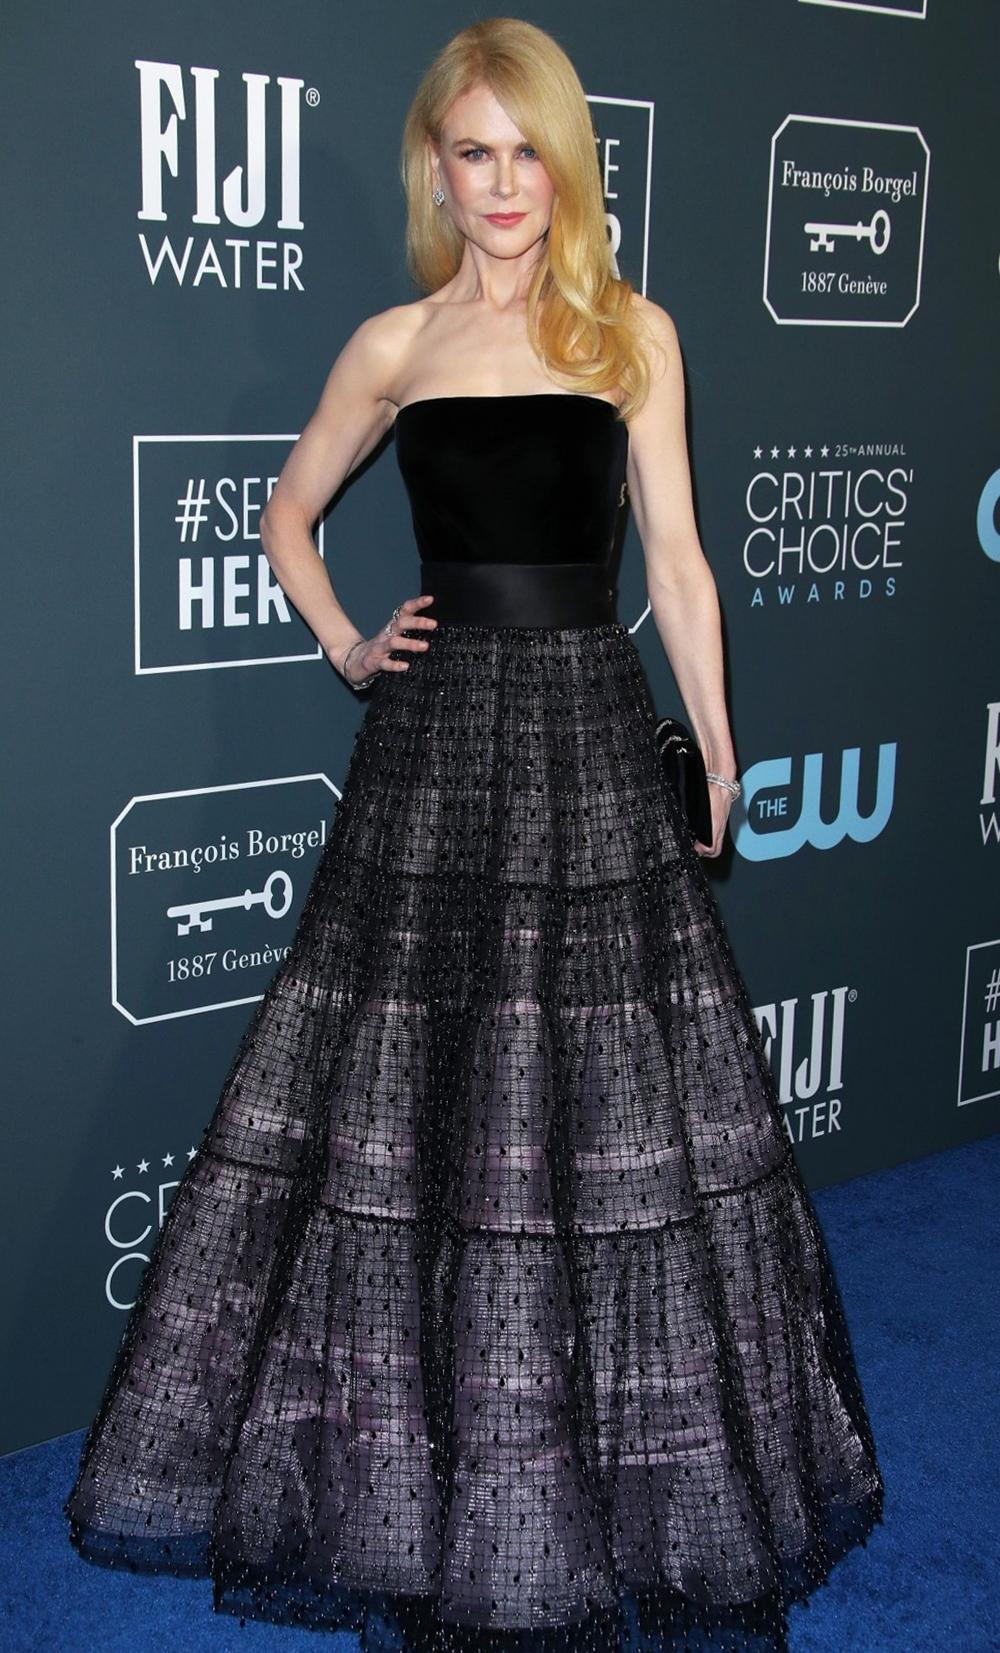 Cô khoe dáng với đầm quây Armani Prive trên thảm đỏ Critics 'Choice Awards 2020, tô điểm diện mạo bằng trang sức kim cương từ Harry Winston và giày Giuseppe Zanotti. Ảnh: Shutterstock.